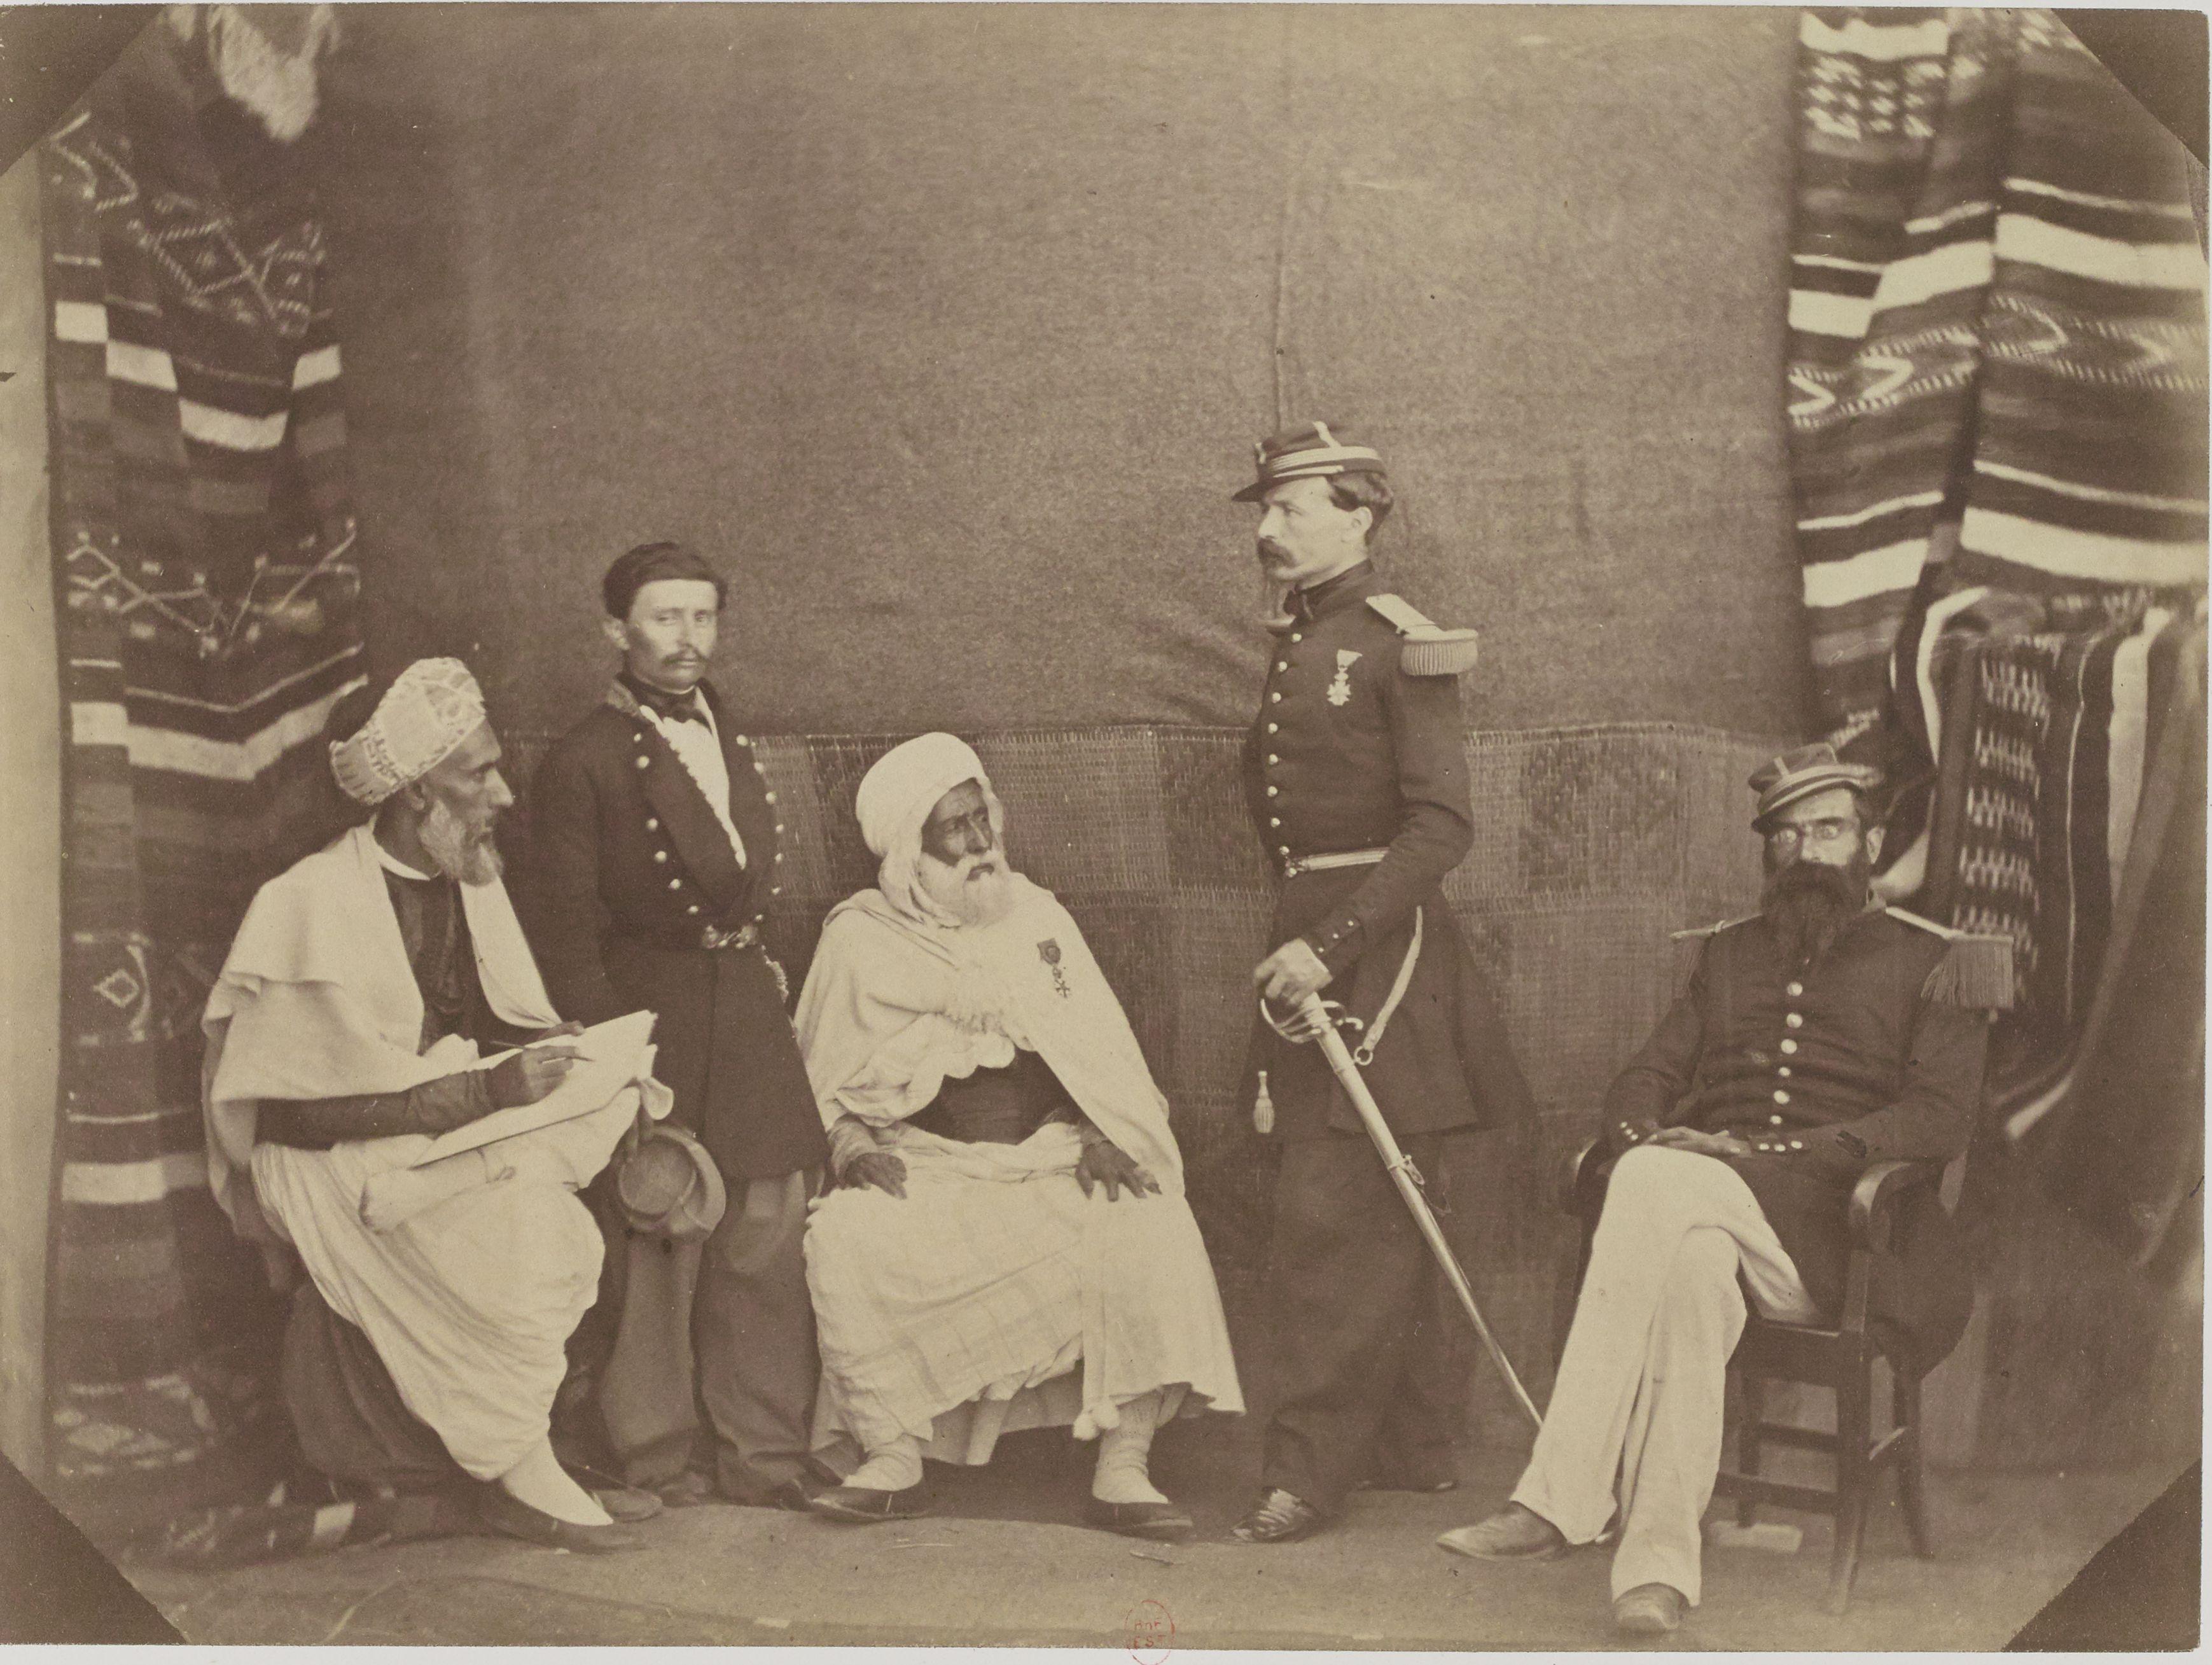 05. Арабское бюро Орана.  Мохаммед бен Ахмед. Г-н Pobeau. Эль-Хадж Мазари. Командир Чанзи. Капитан Лолио